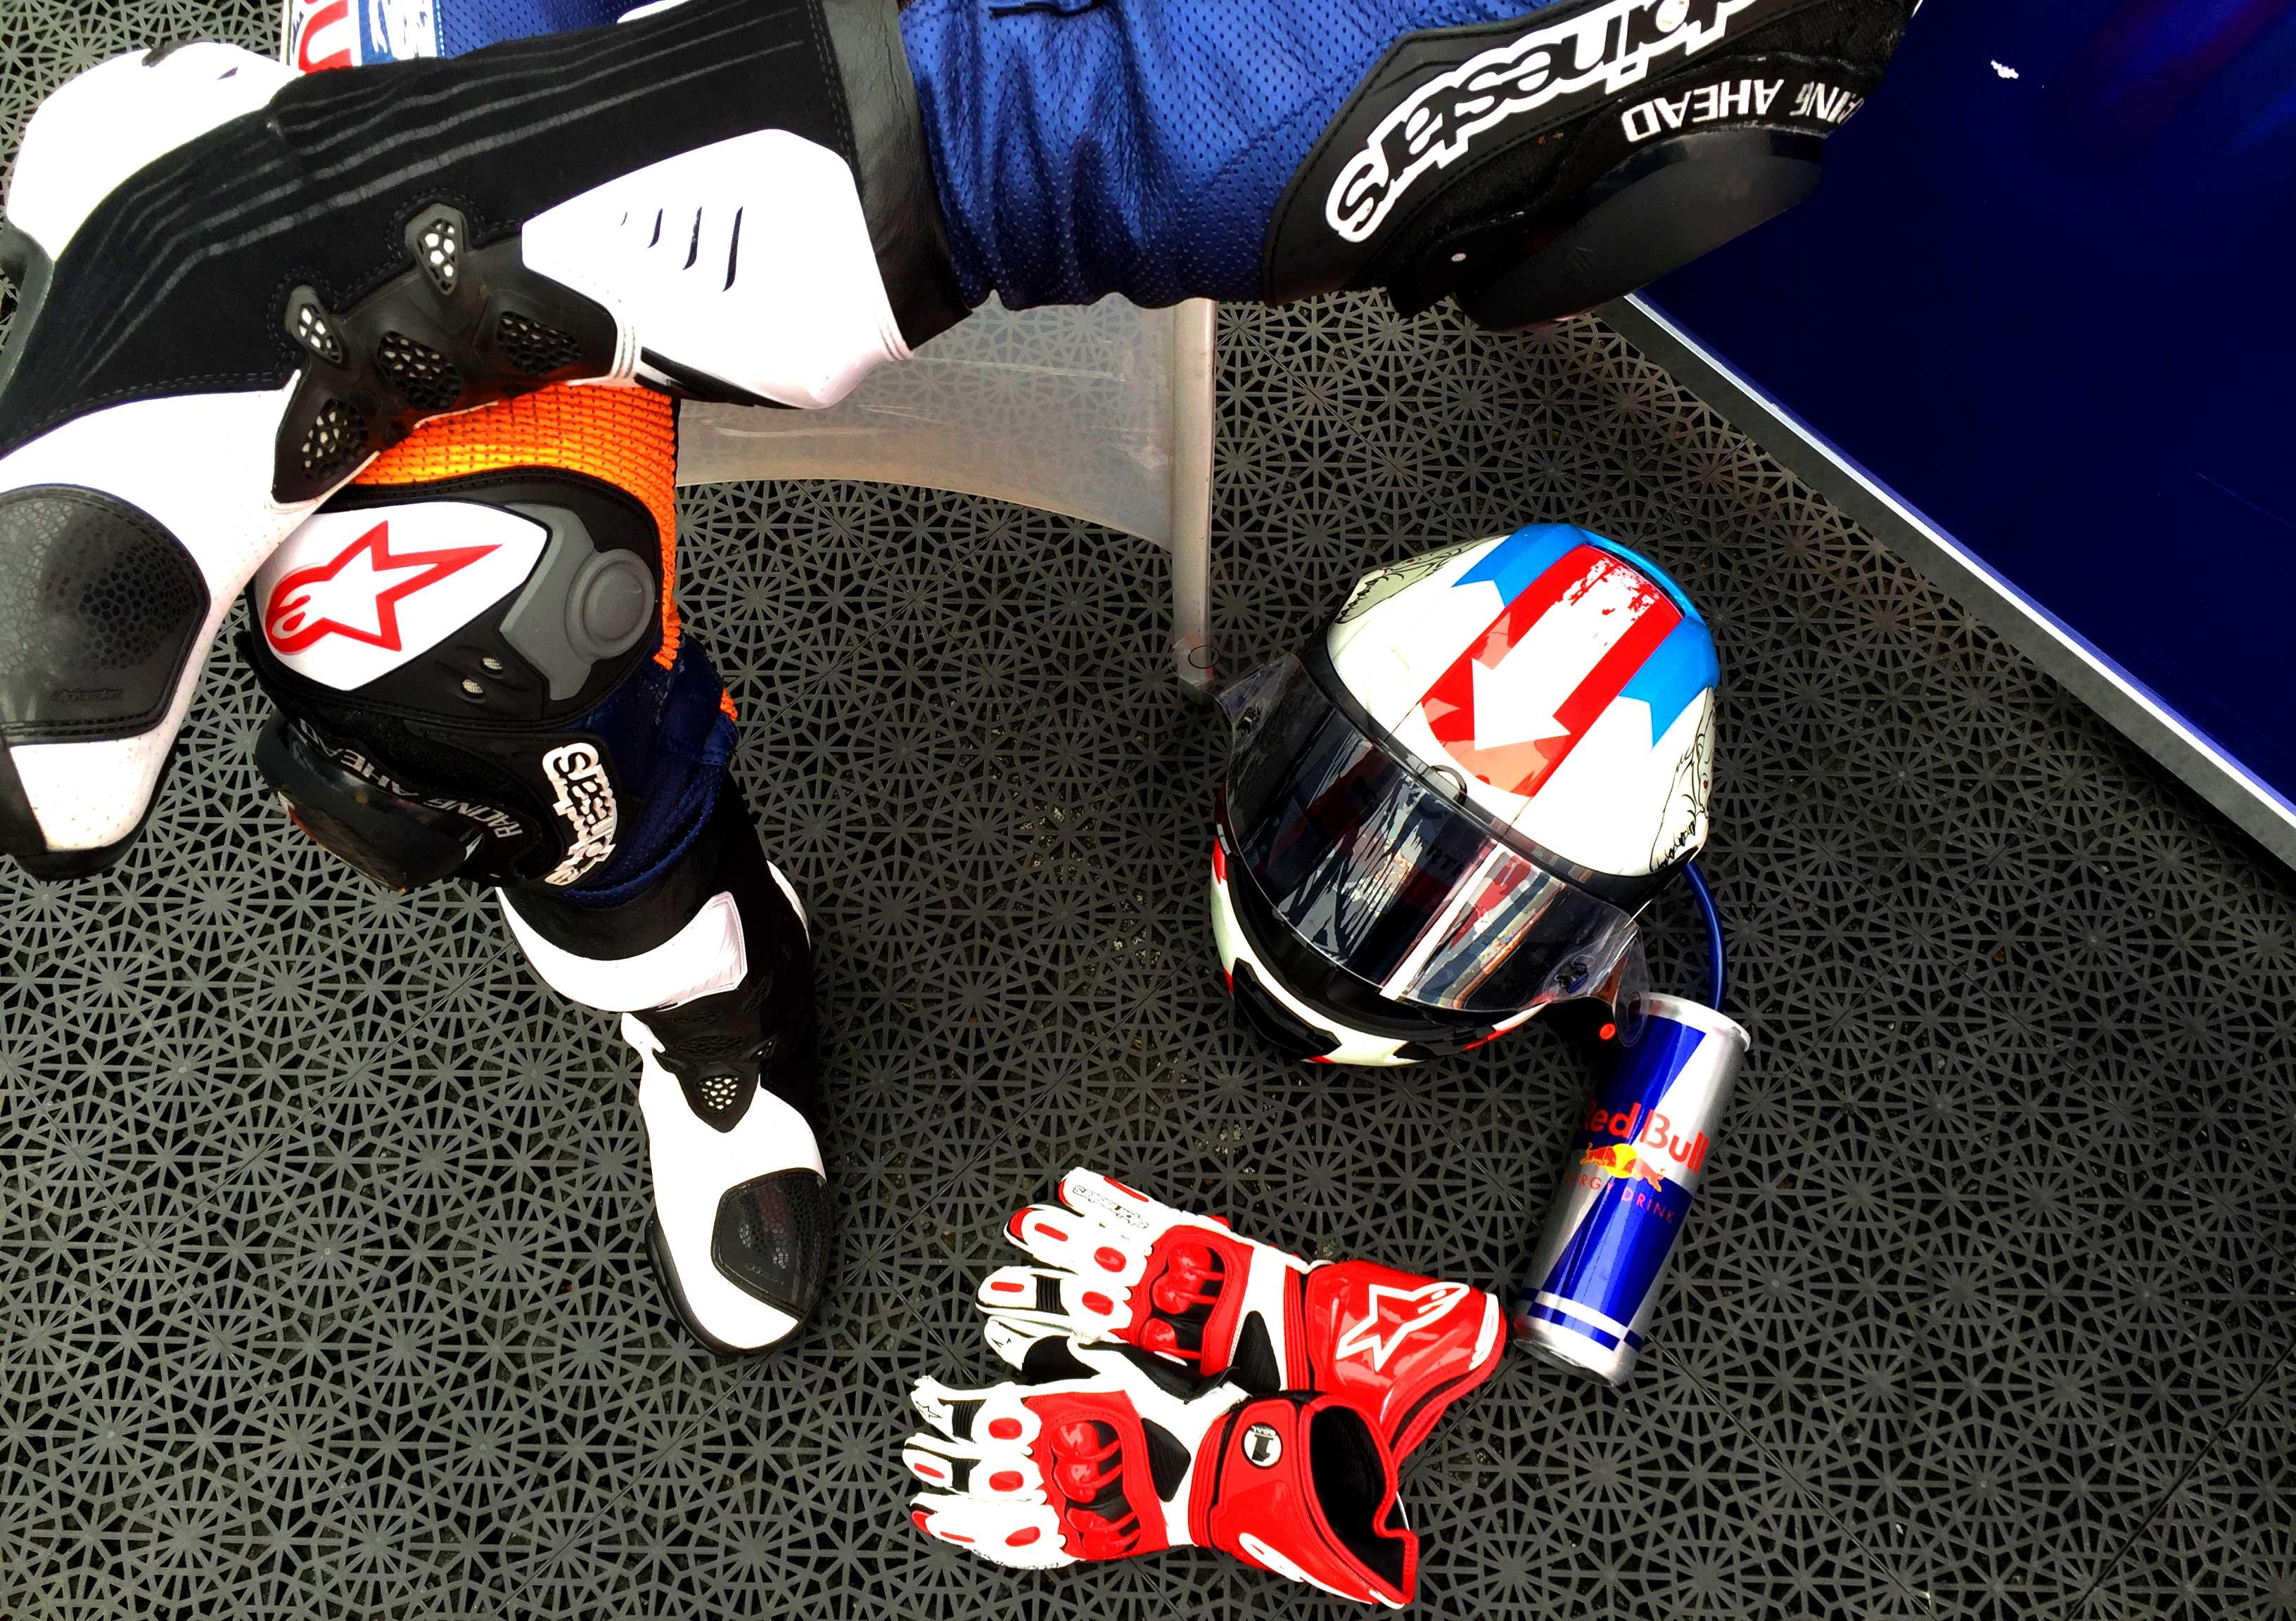 Как выбрать гоночную экипировку? Ride it! Блог мотогонщика Макара Юрченко.